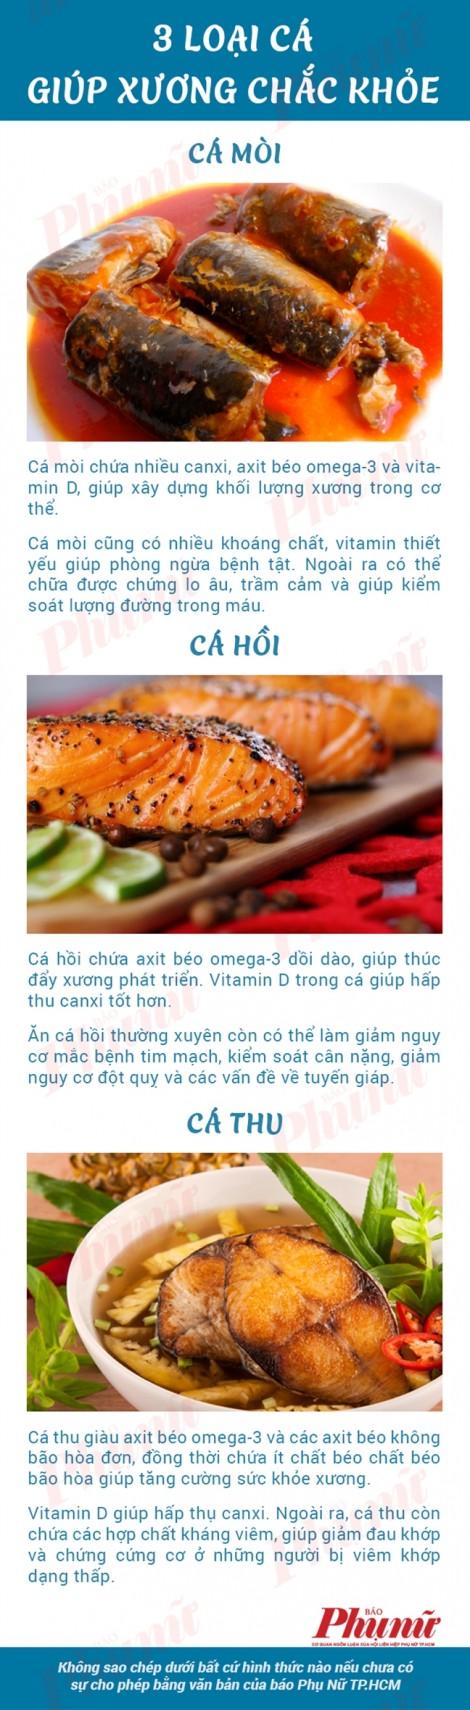 3 loại cá giúp xương chắc khỏe